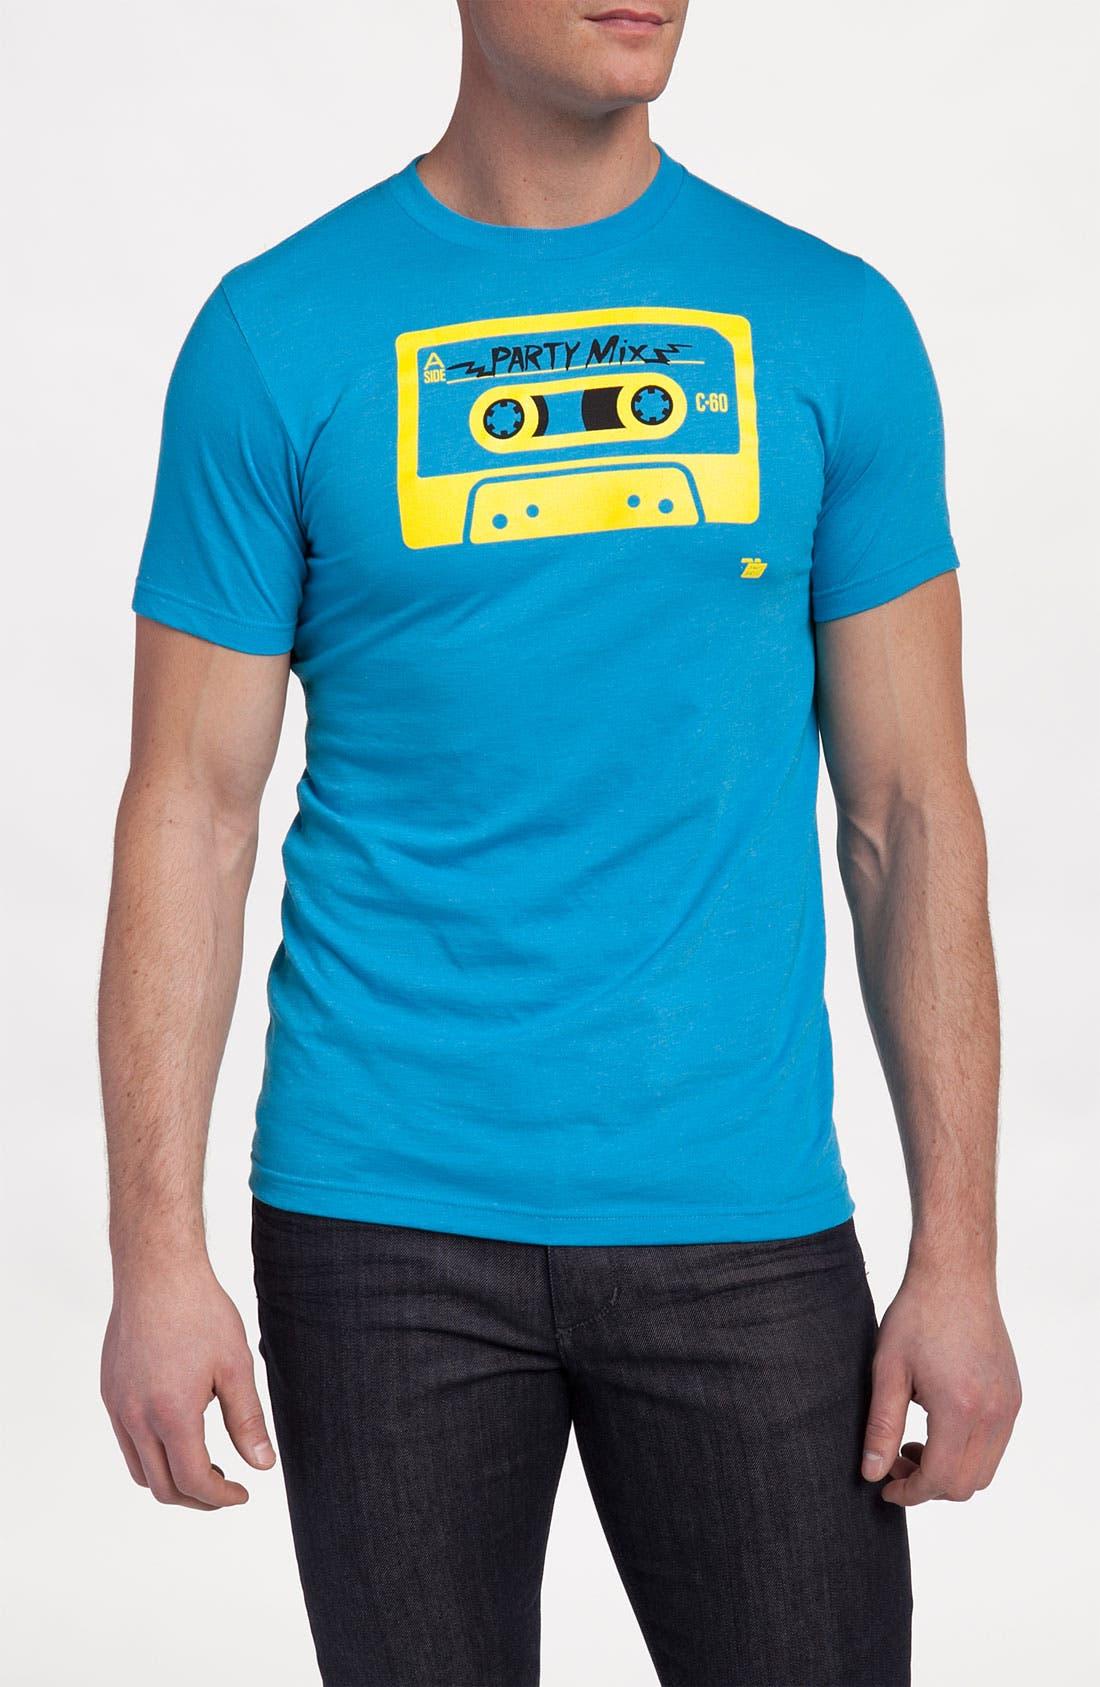 Main Image - Ames Bros 'Party Mix' T-Shirt